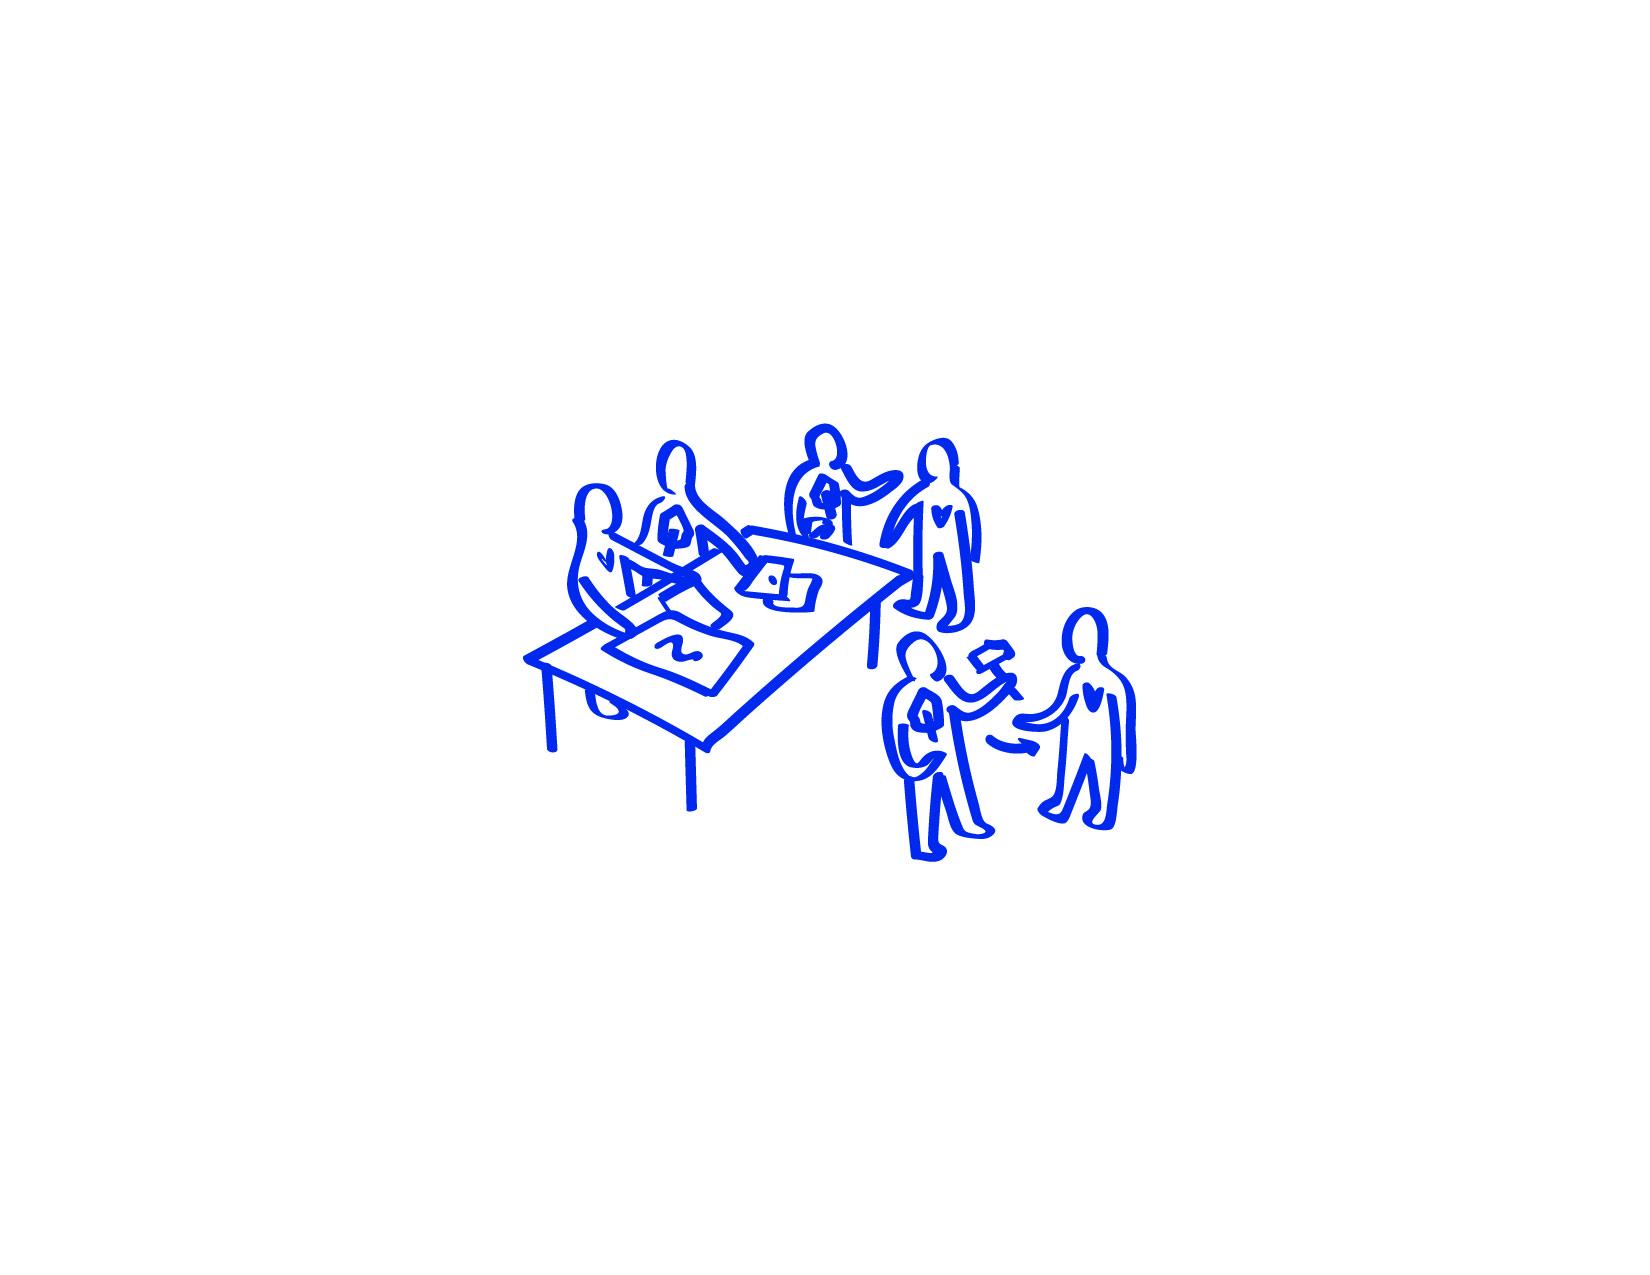 5. OUTILLER LES PORTEURS DE PROJETS   Basée sur une approche fondamentalement ouverte et inclusive, Vivace mise sur un apprentissage progressif où, semaine après semaine, de nouvelles compétences sont développées dans le but d'amplifier le potentiel du projet collectif.